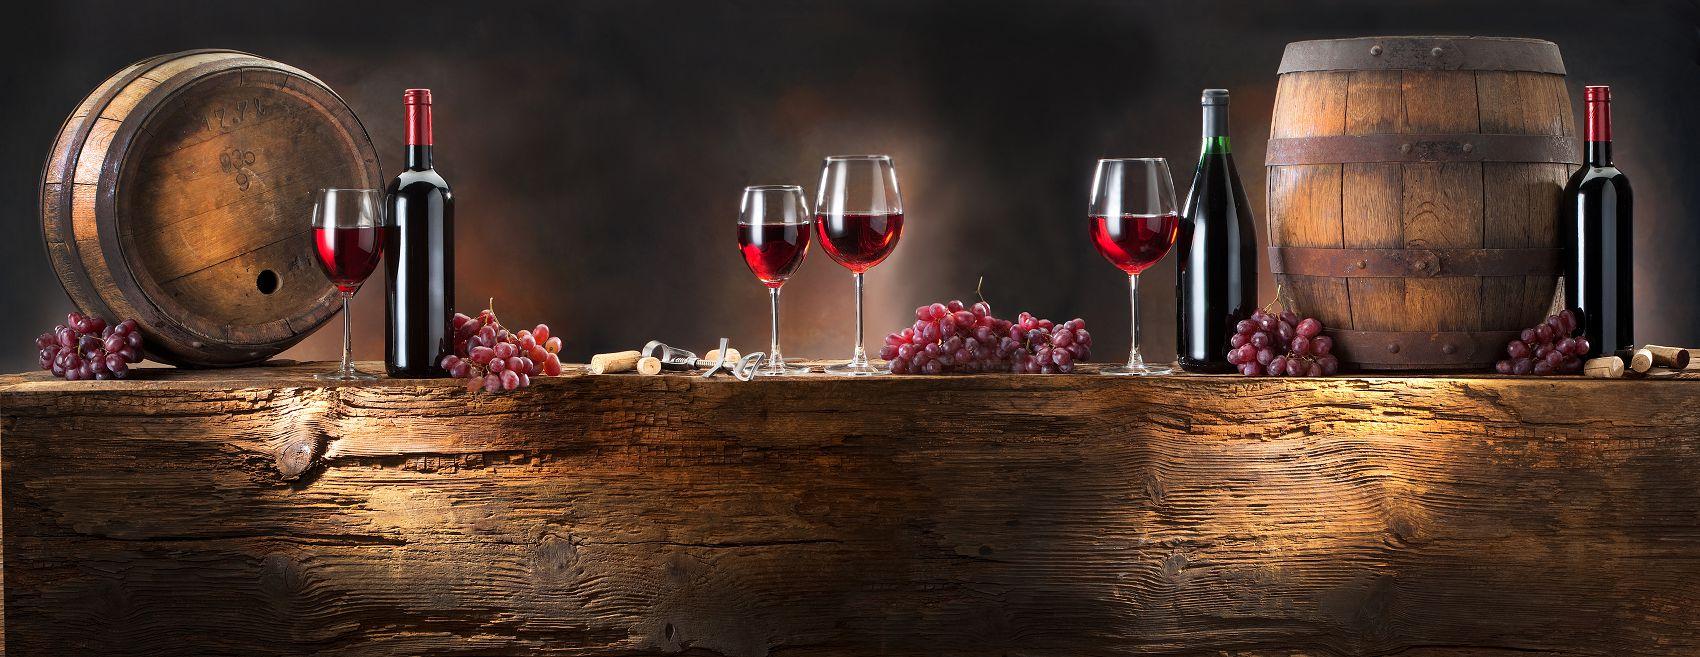 Бочки с вином скинали